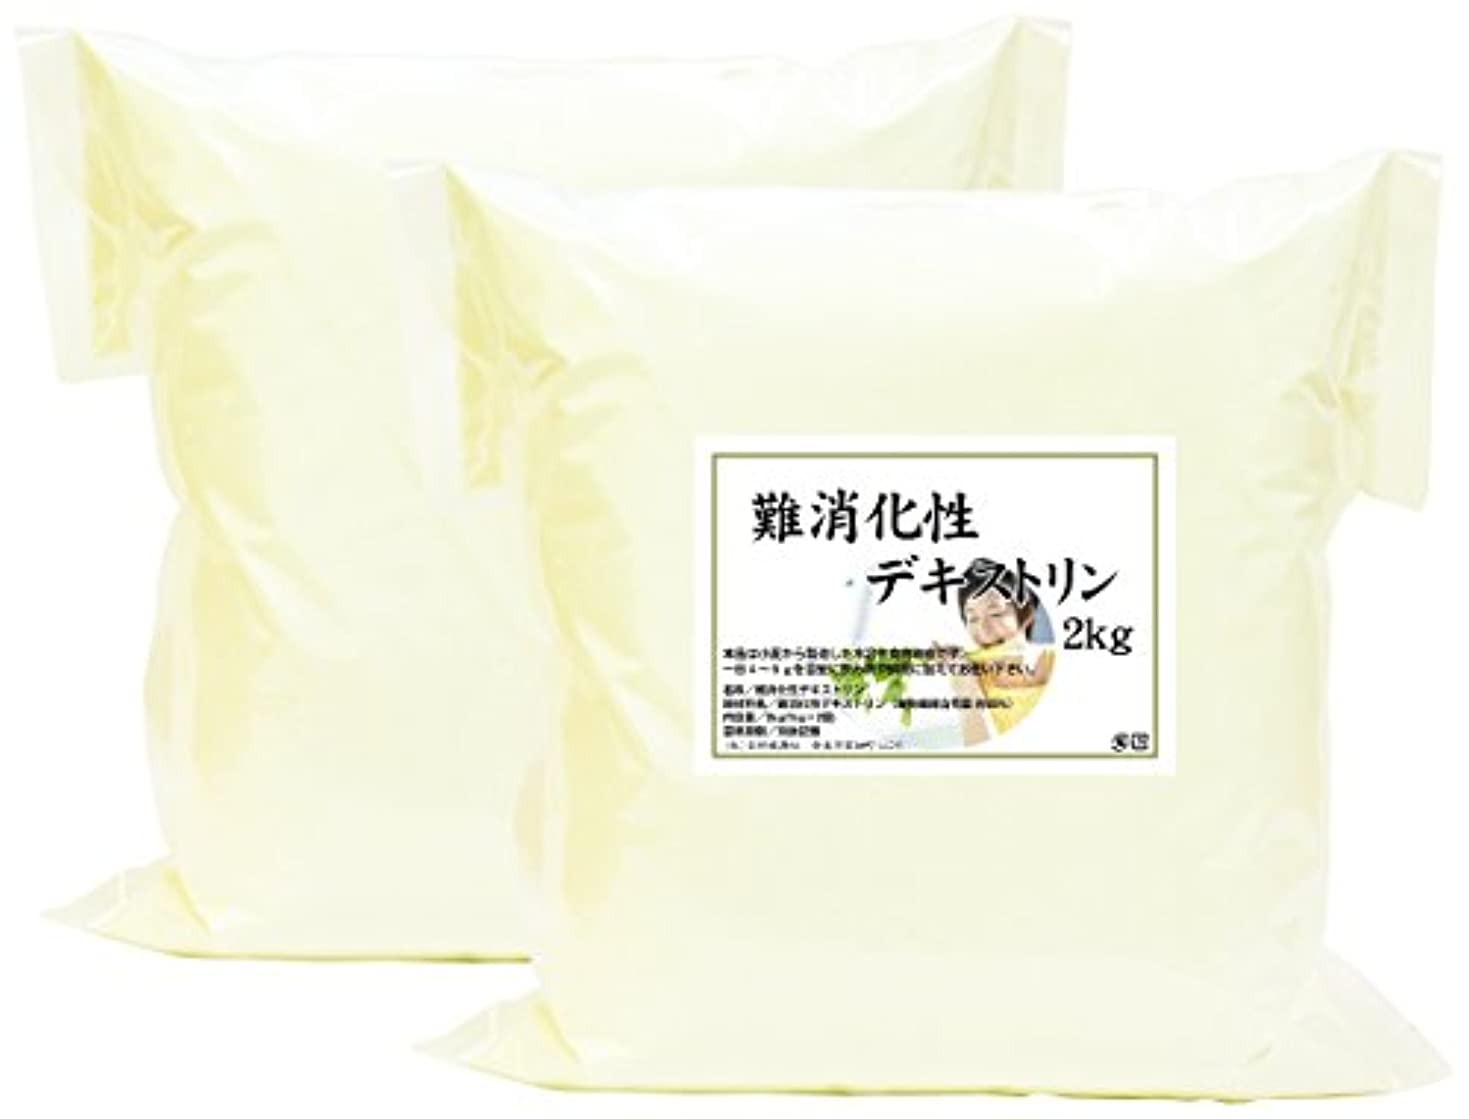 単独で見る人シアー自然健康社 難消化性デキストリン 2kg(1kg×2袋) 密封袋入り